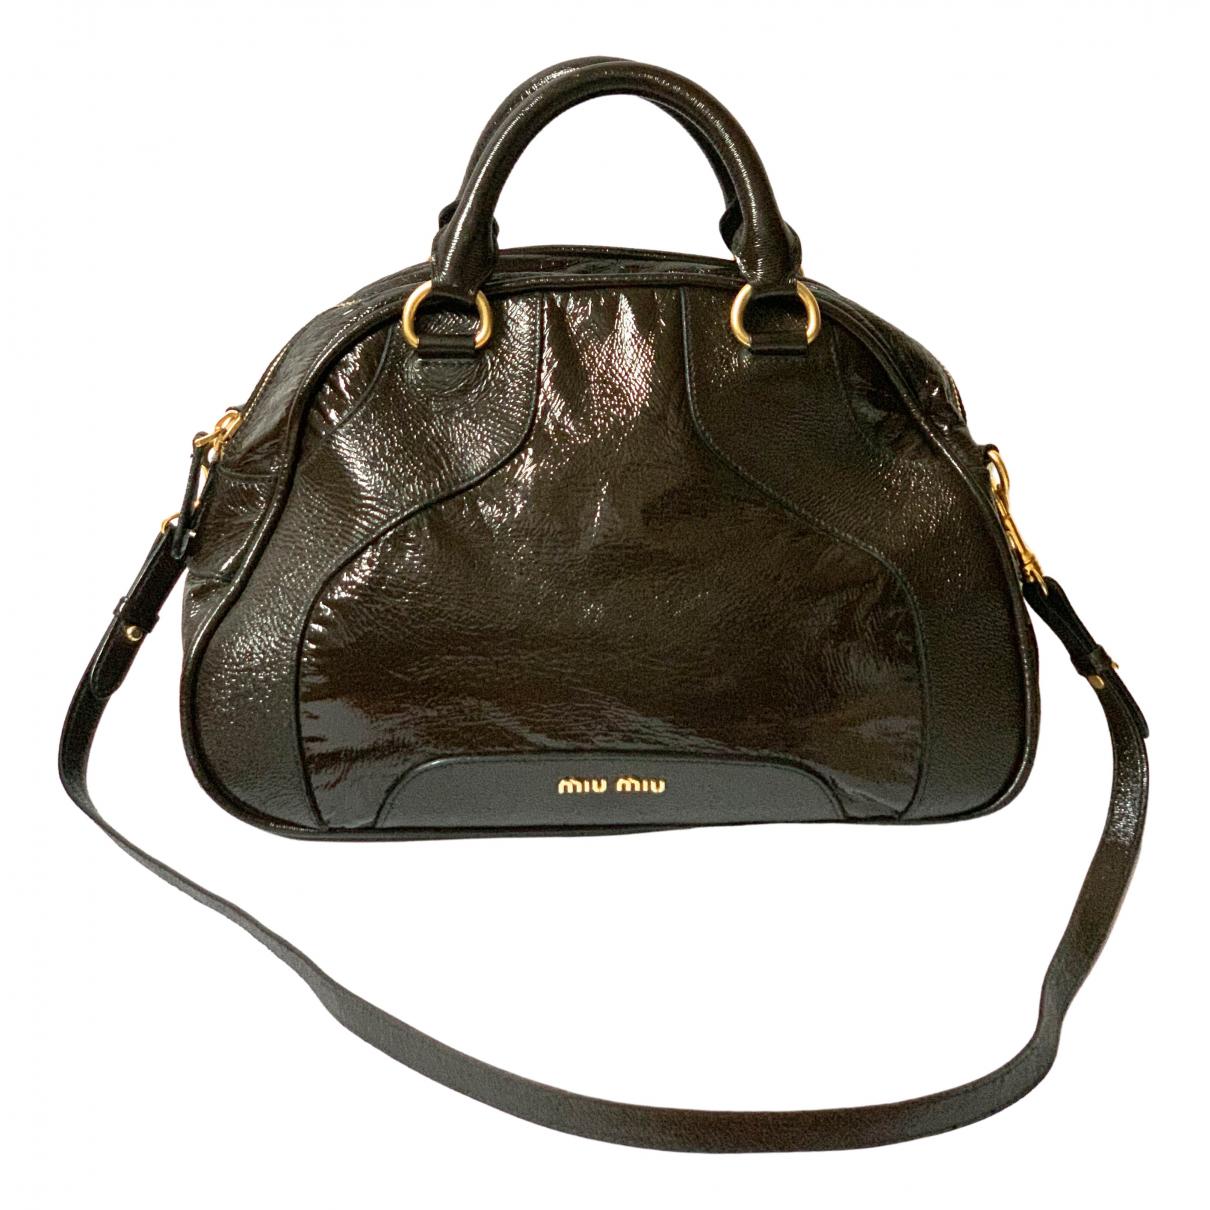 Miu Miu \N Patent leather handbag for Women \N